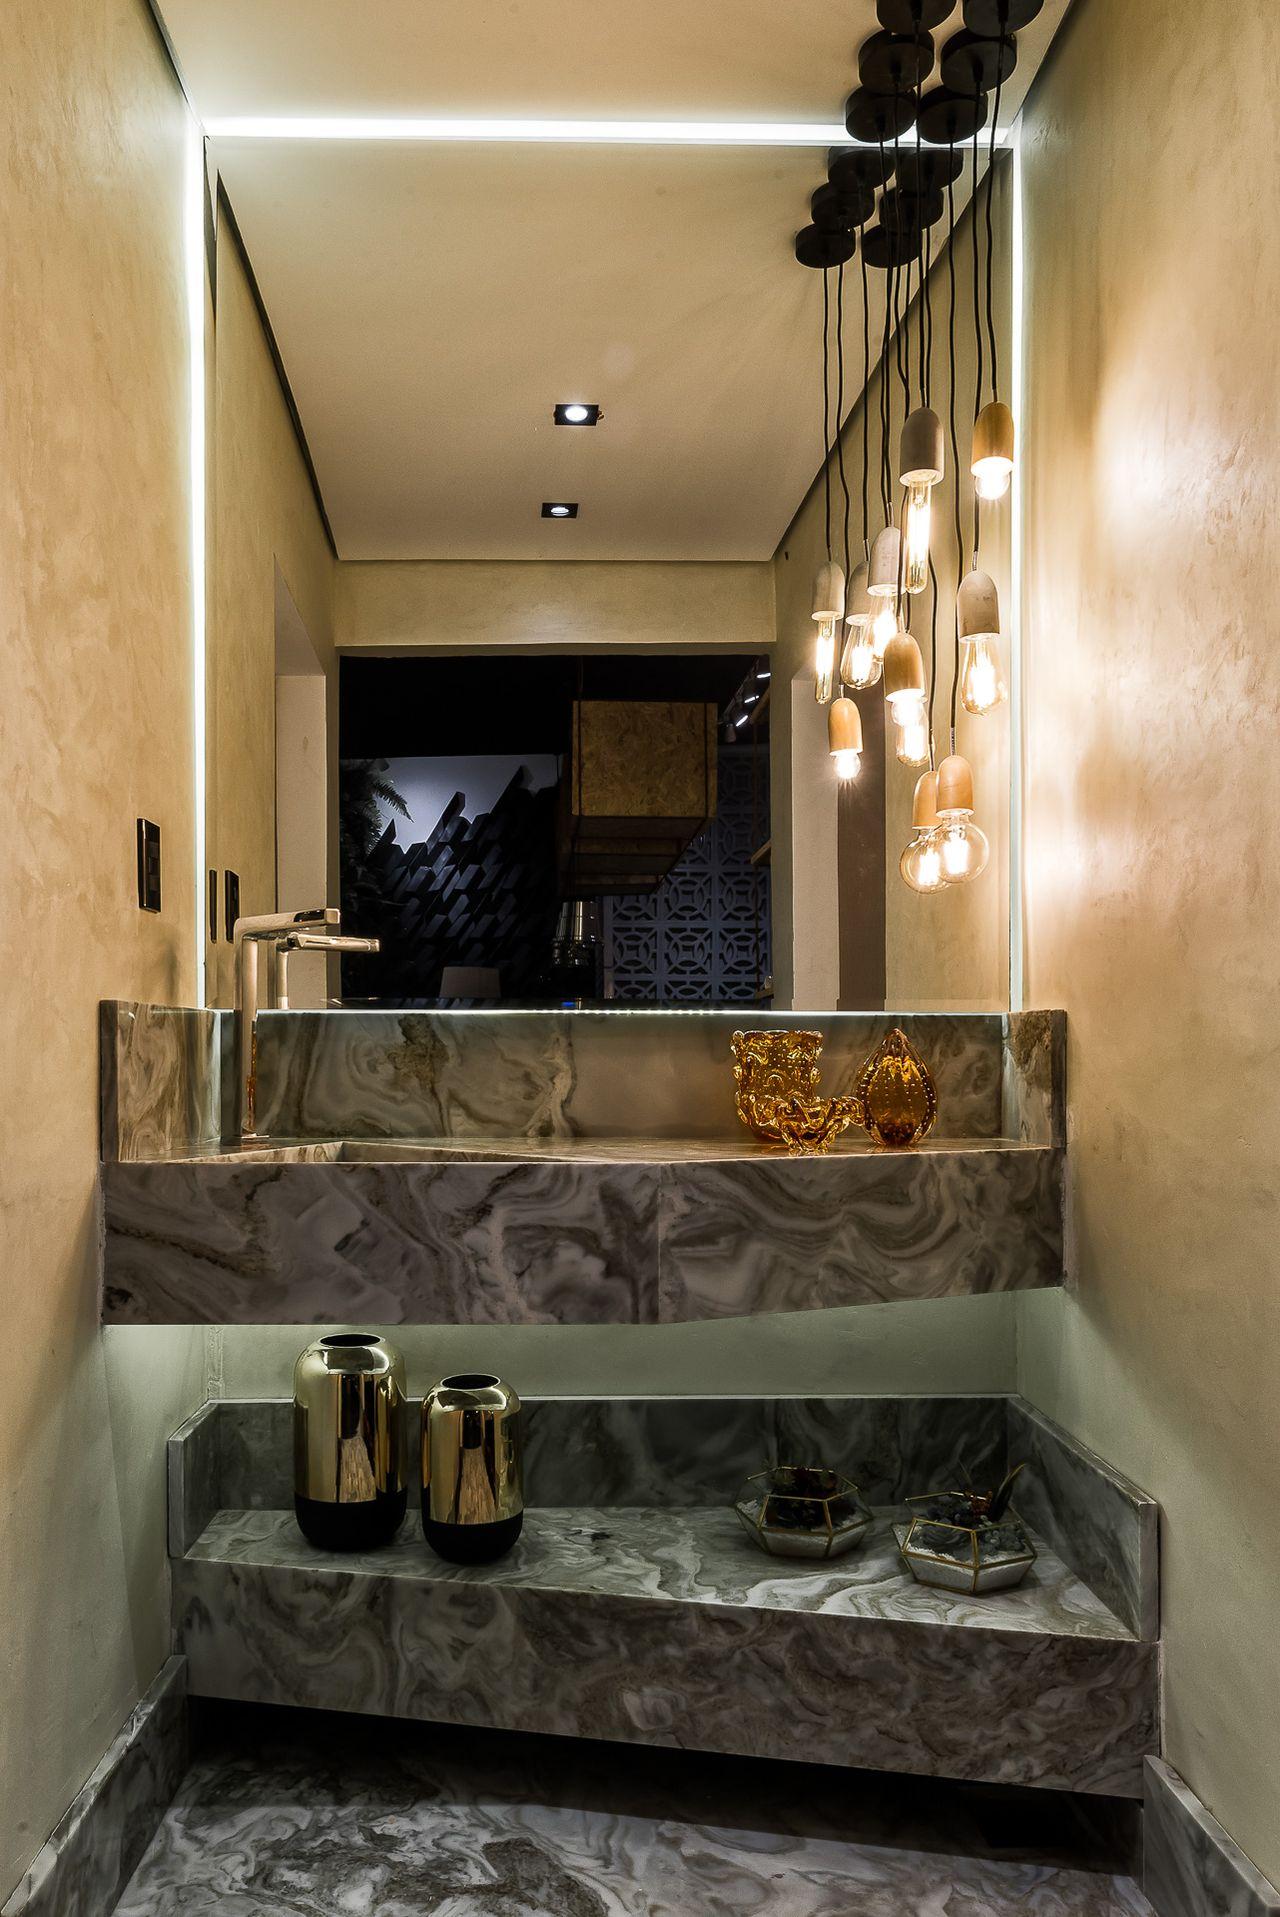 Tipos de cuba para banheiro: cuba esculpida (Projeto: morarmaispormenosgoiania - Ana Paula Prado e Denis Rezende)